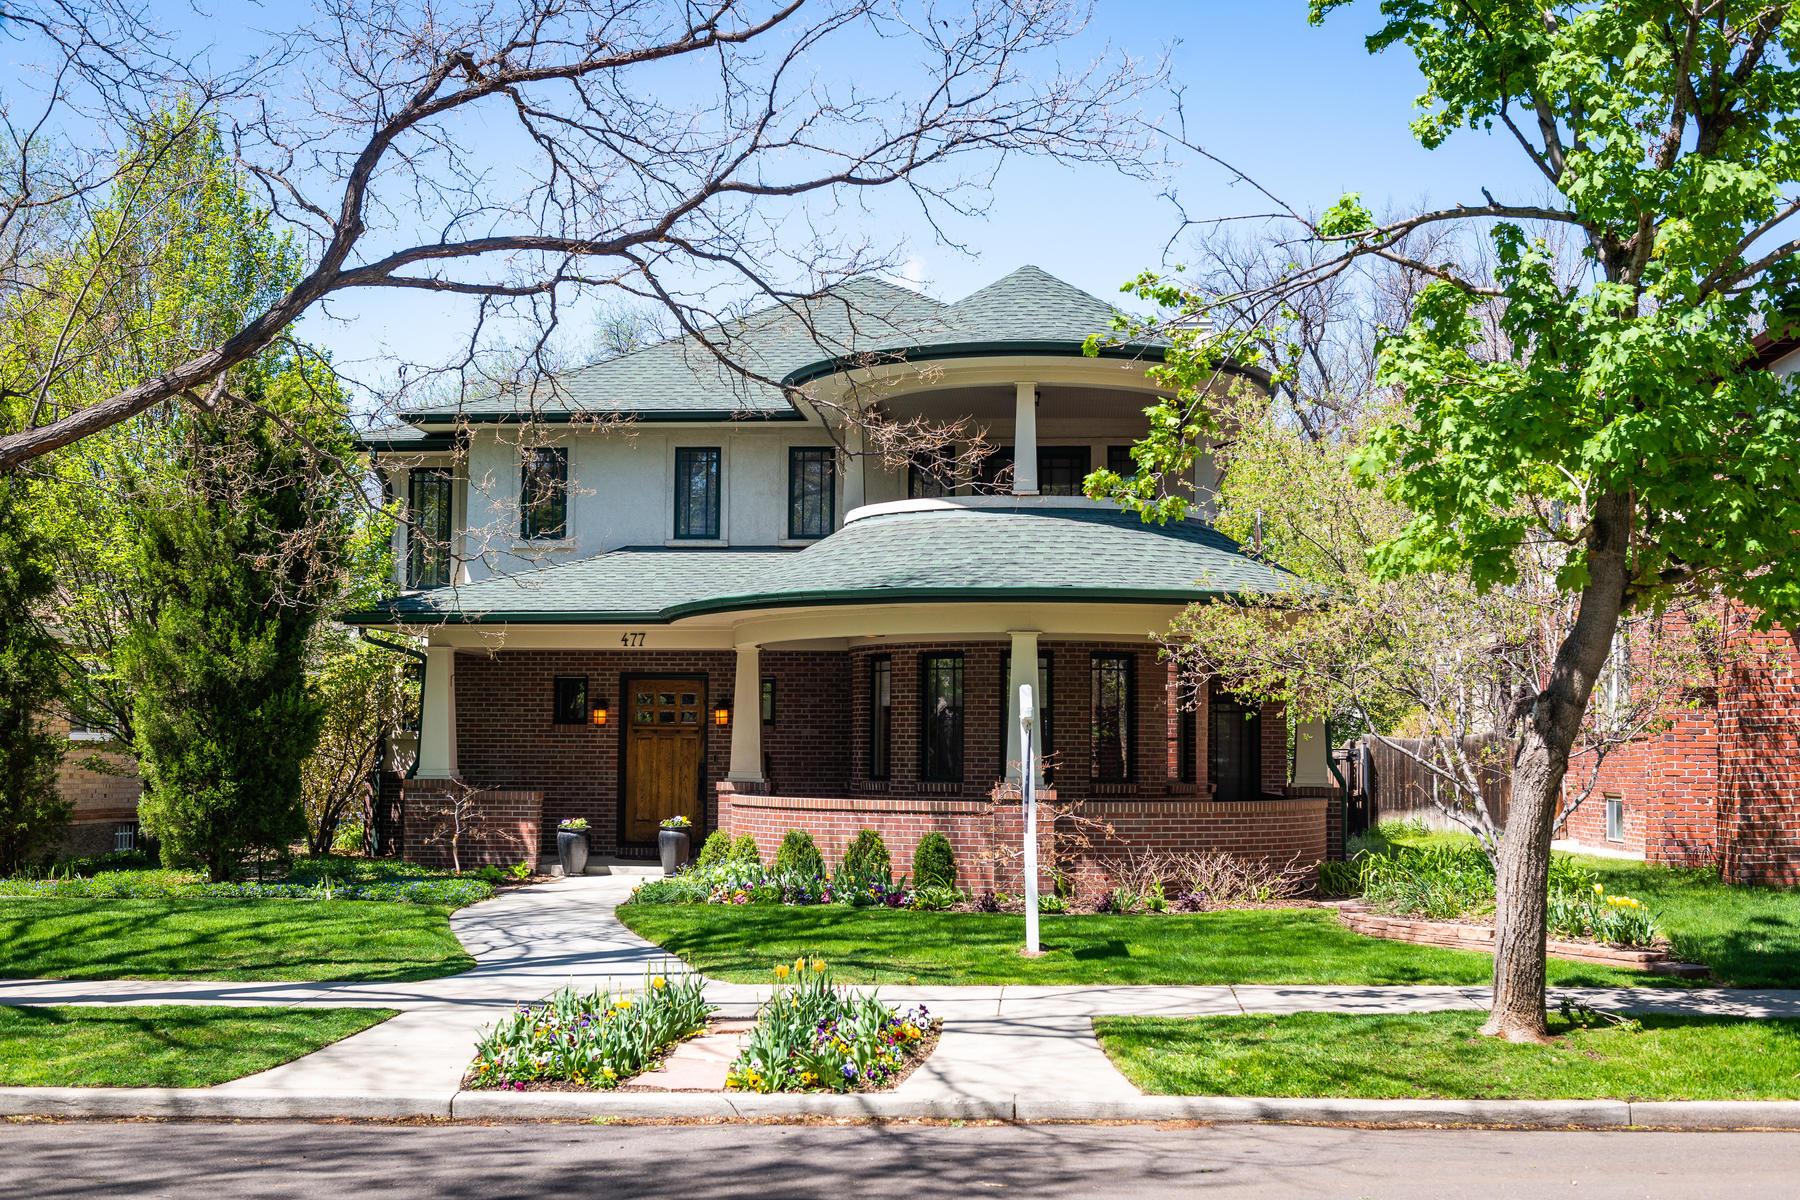 Property для того Продажа на Denver, Колорадо 80218 Соединенные Штаты